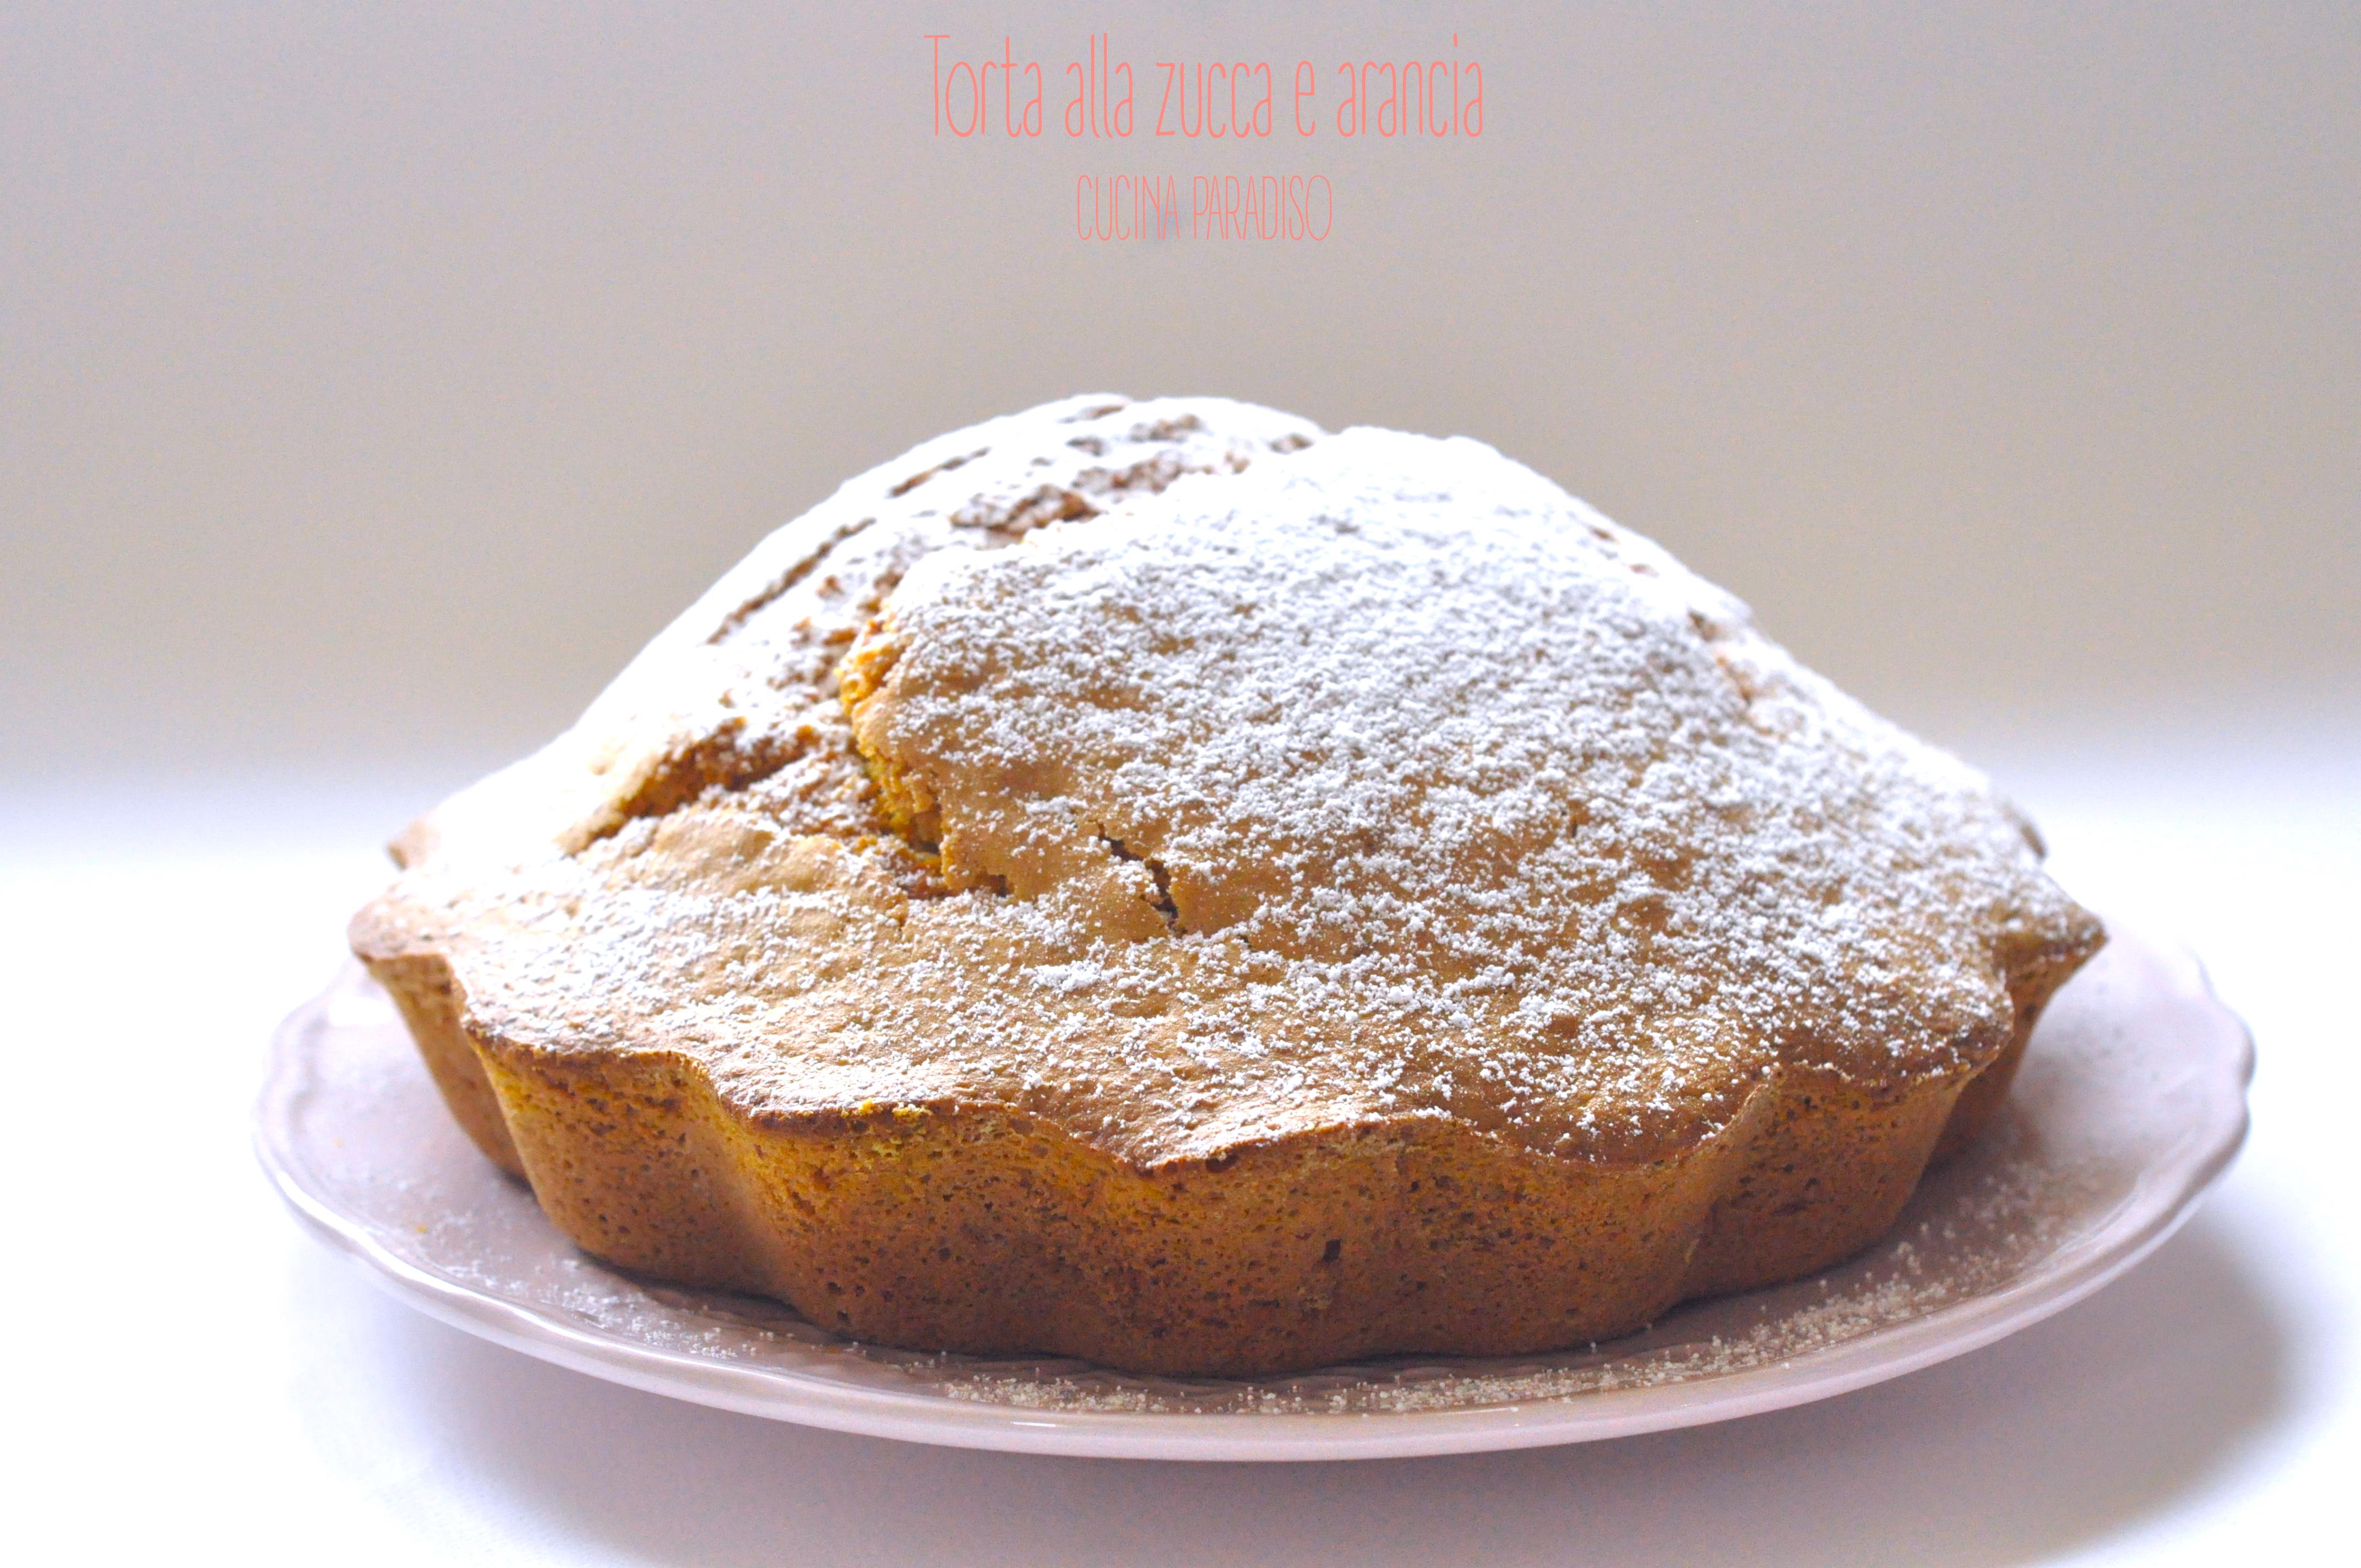 torta-alla-zucca-e-arancia